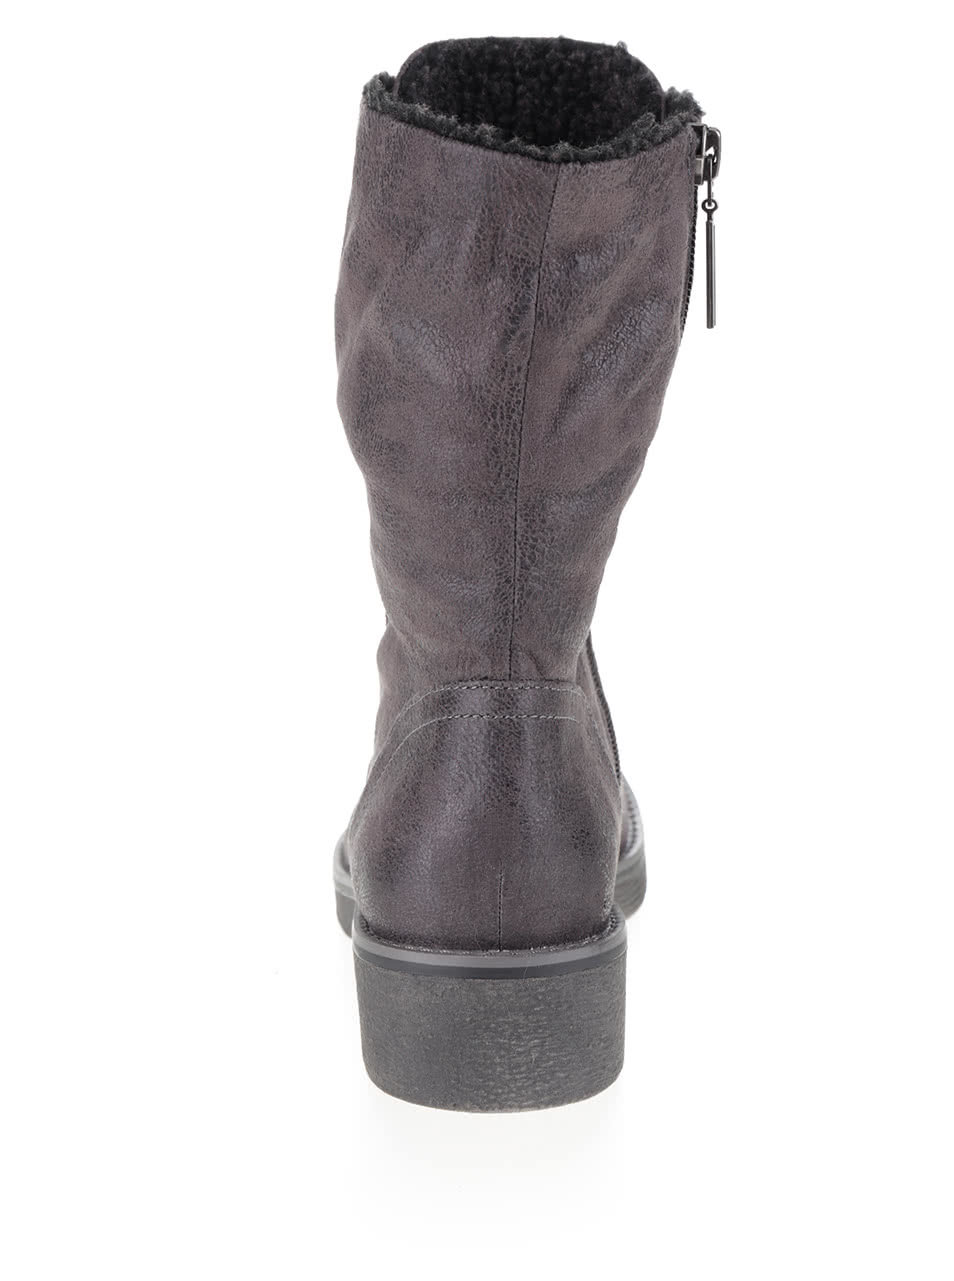 7fbabfe4894d4 Tmavosivé členkové topánky s.Oliver | ZOOT.sk